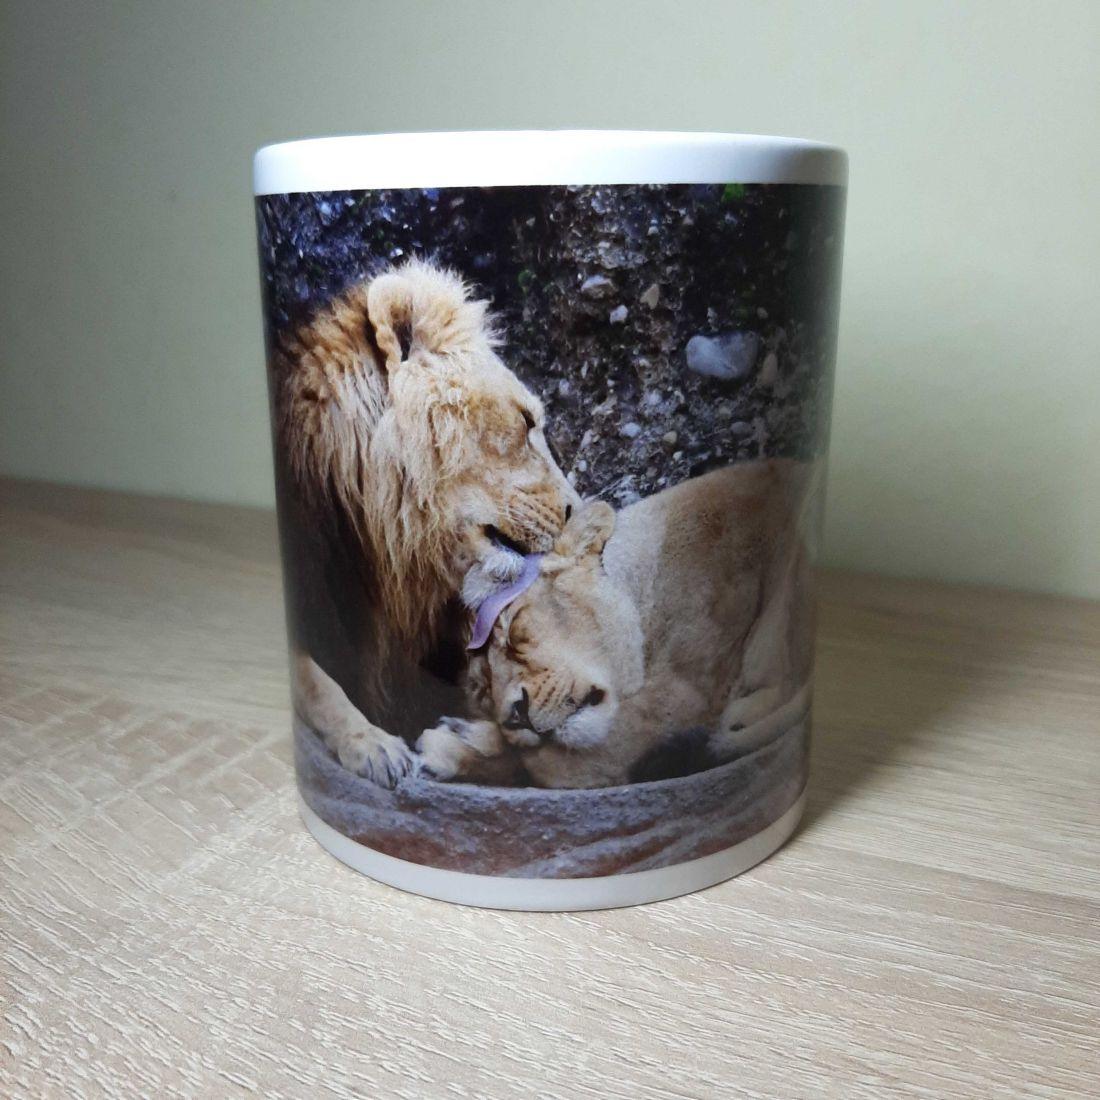 Párját mosdató oroszlános bögre